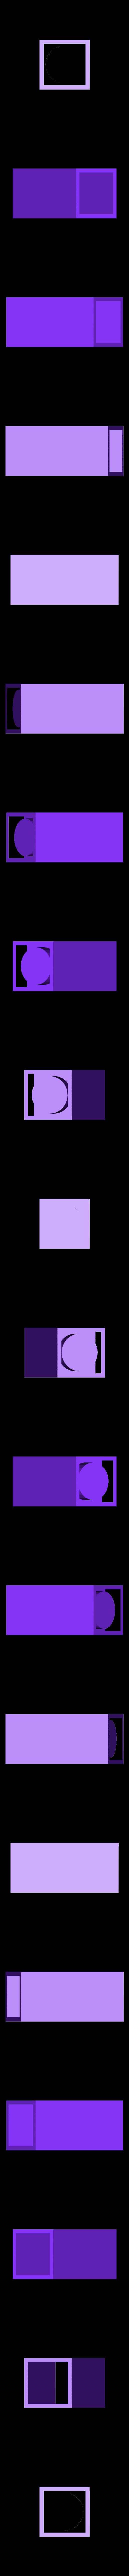 Marker-Rack-Prismacolor-Unit.stl Télécharger fichier STL gratuit Porte-repères Prismacolor • Objet imprimable en 3D, Reneton